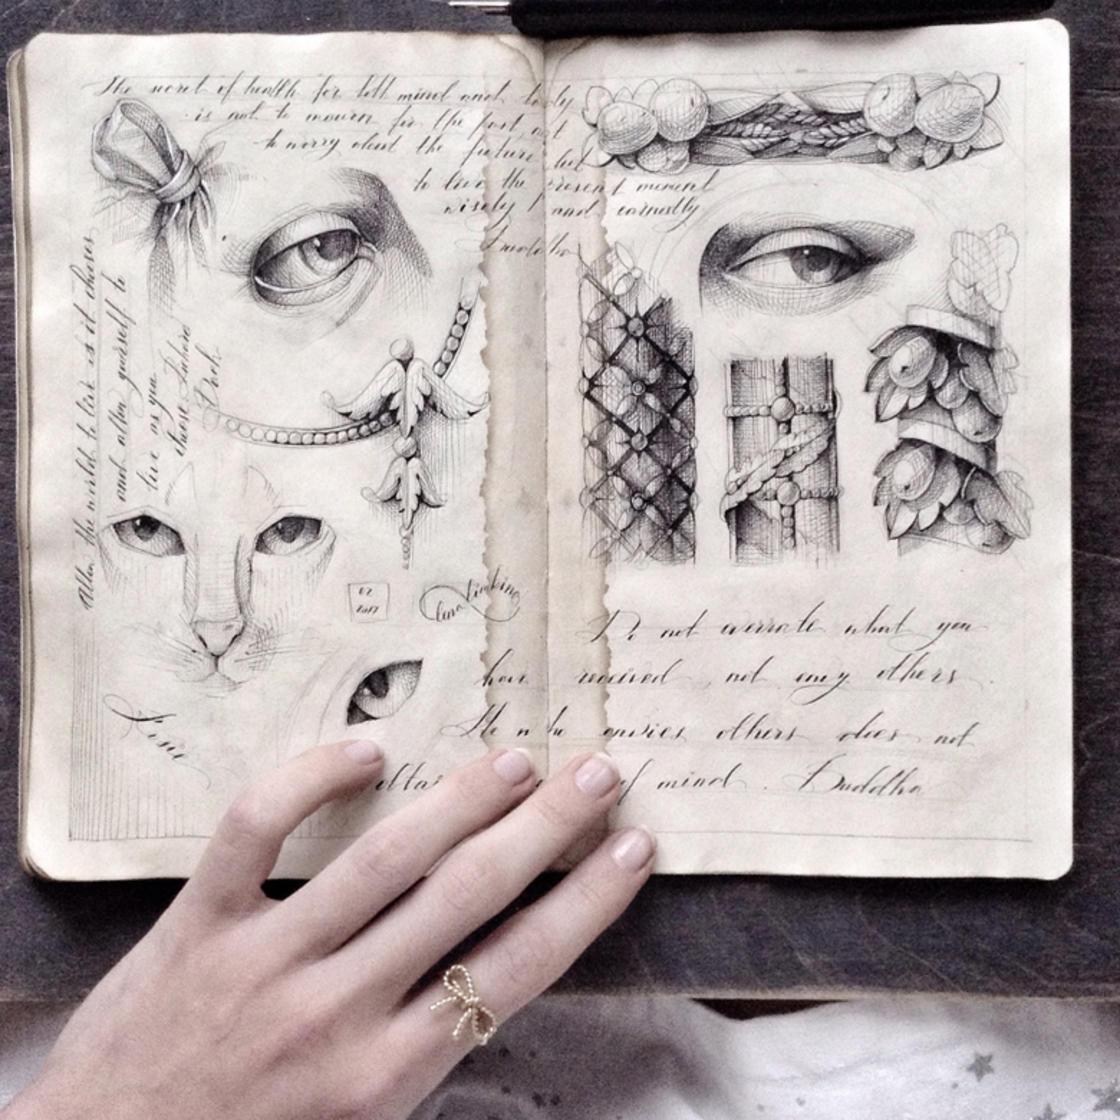 elena-limkina-sketchbook-6.jpg